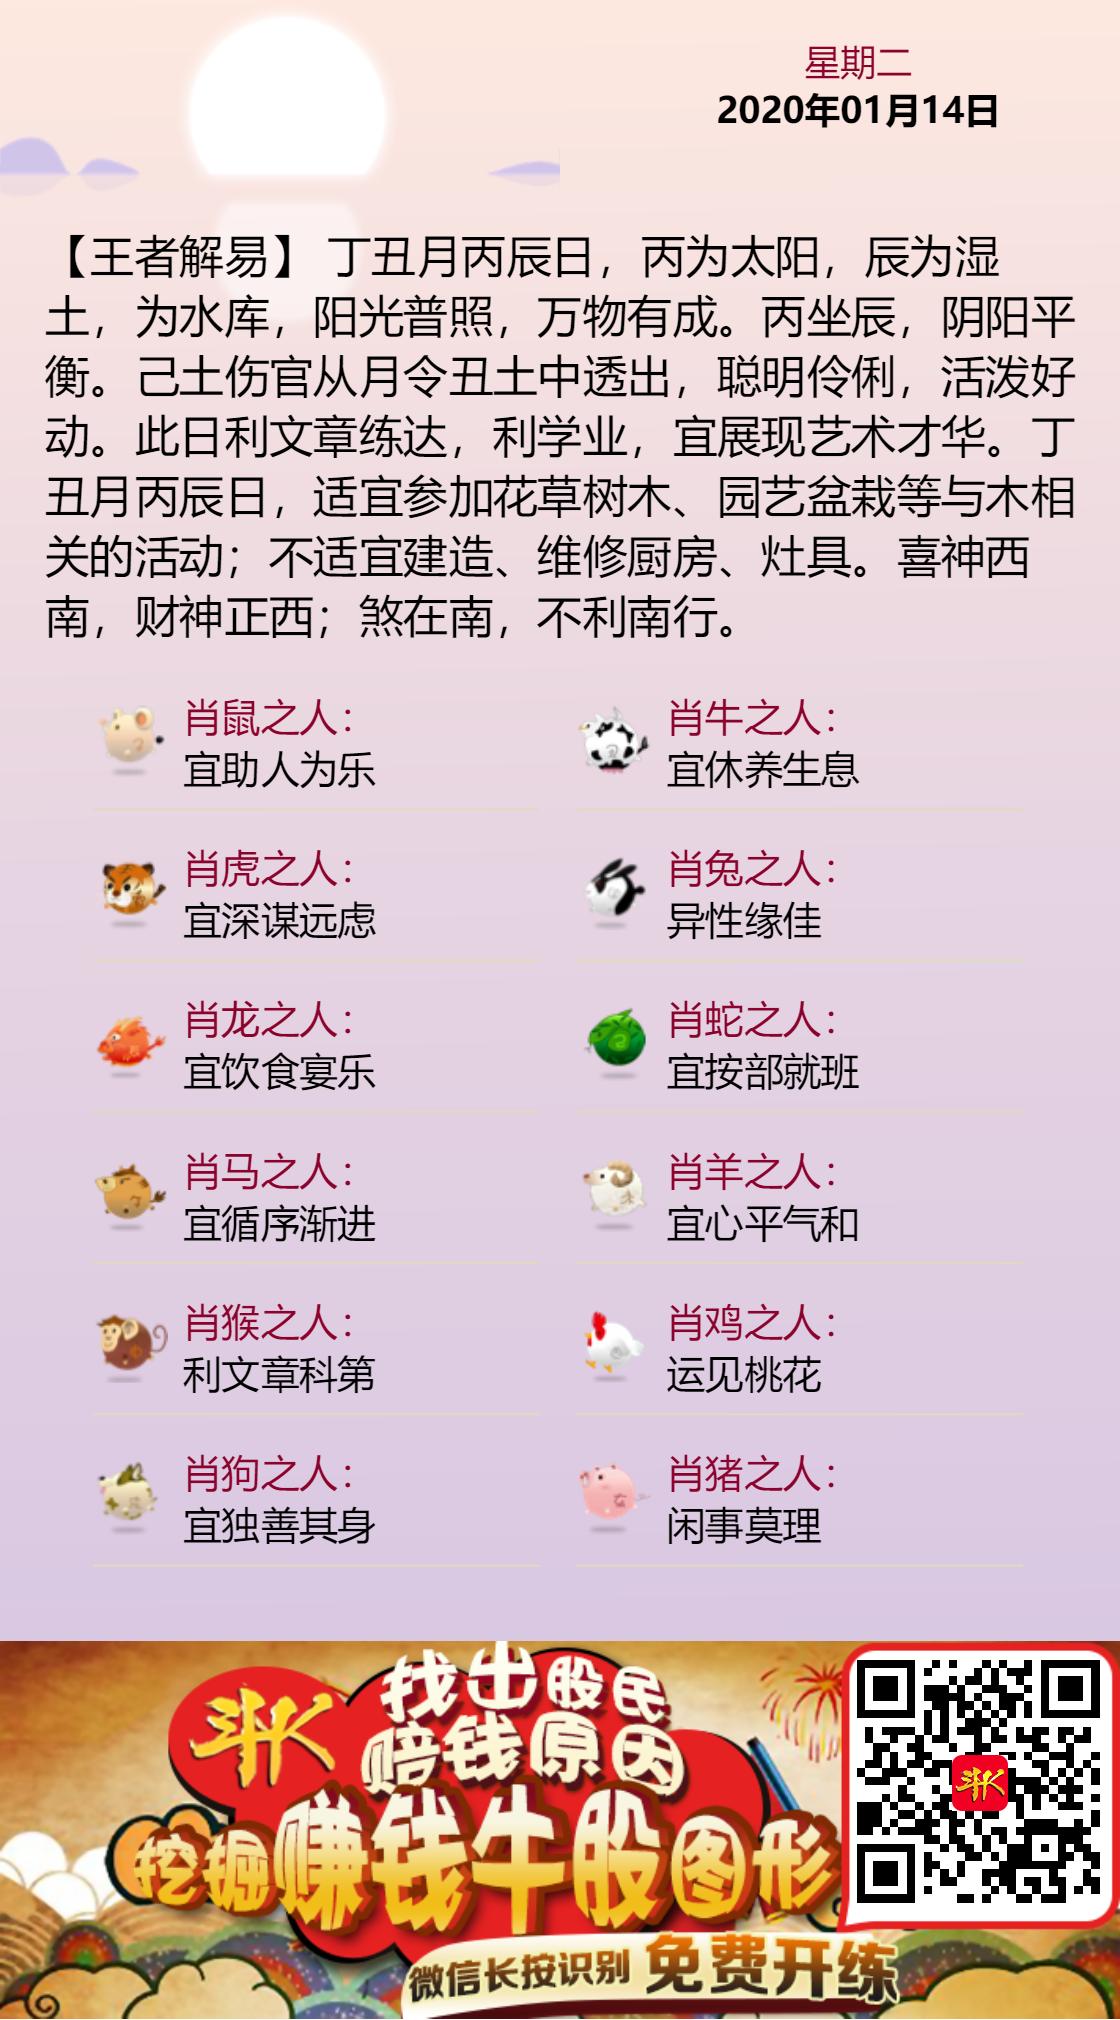 2020.1.14黄历斗K.png